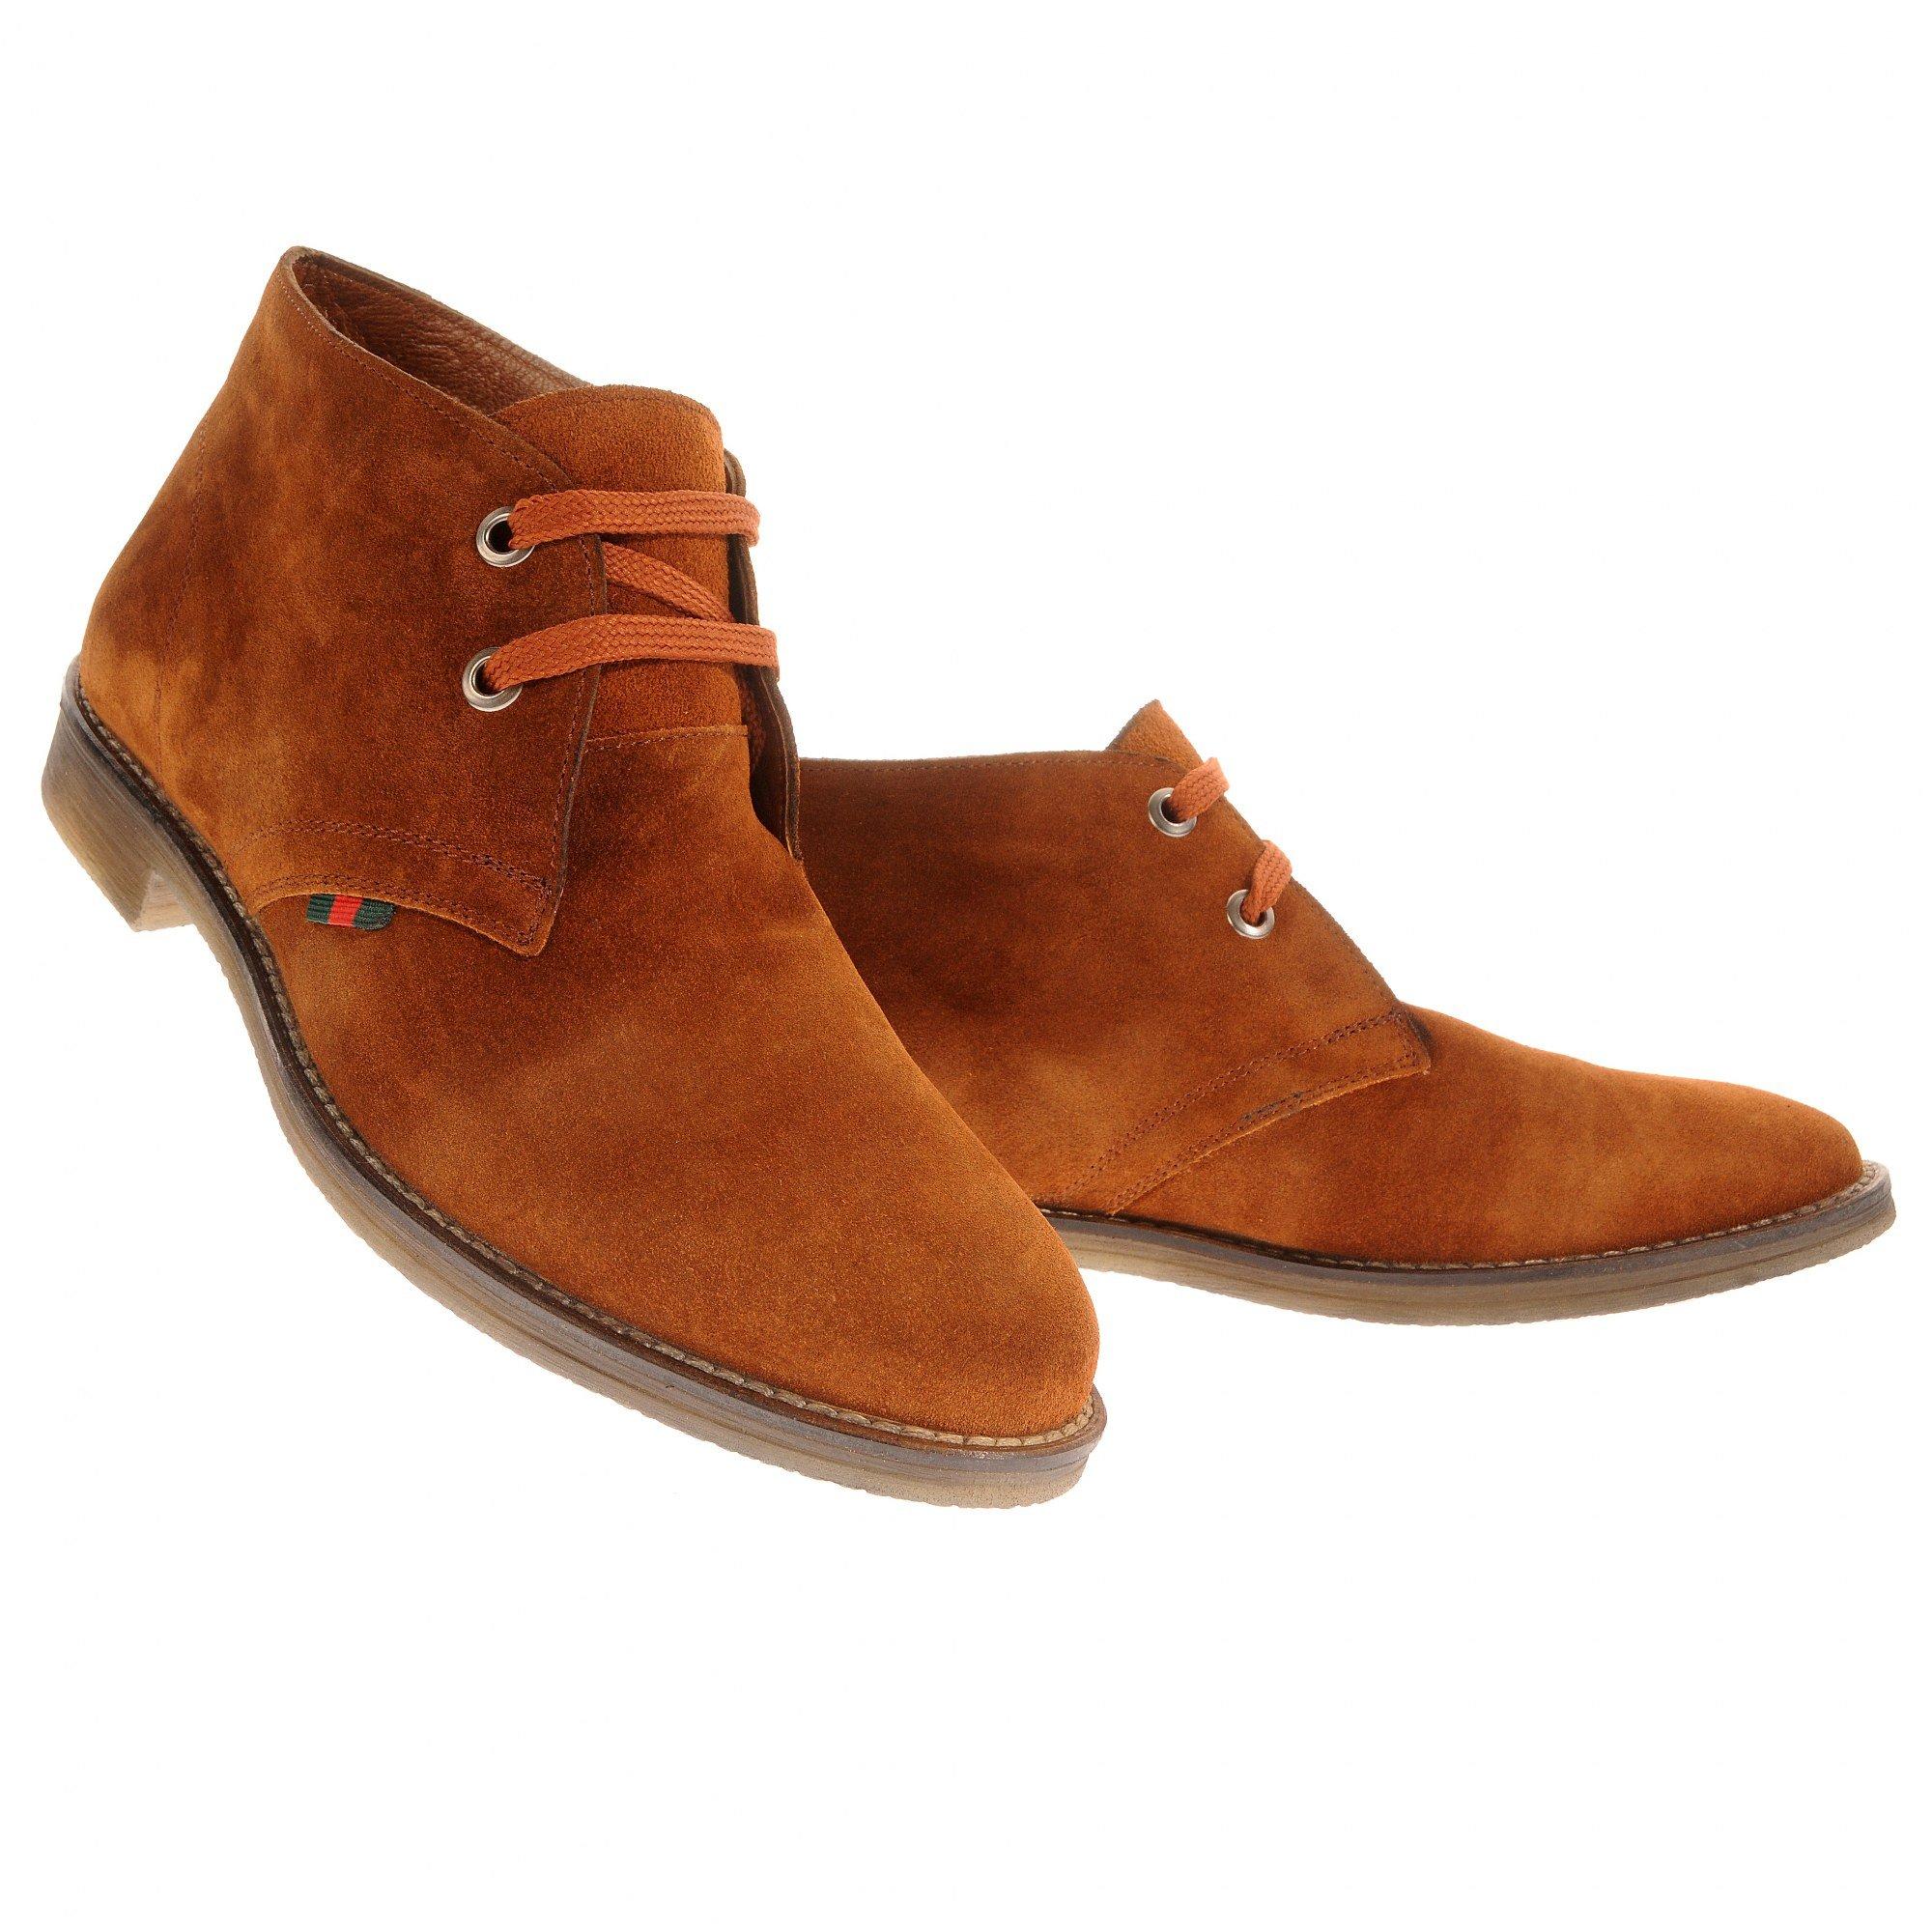 muske braon cipele #408 - muške cipele, muške cipele beograd, muška odela, braon muske cipele, odela muška, zimski kaput, italijanska obuca, obuca muška, talijanska odela, firmirane cipele, firmirani sakoi, muski, za muskarce, muska odela u trendu, gde se mogu naci najbolja muska odela, najbolja ponuda, gde kupiti muske kosulje, prodavnica muških cipela, prodavnice muskih cipela